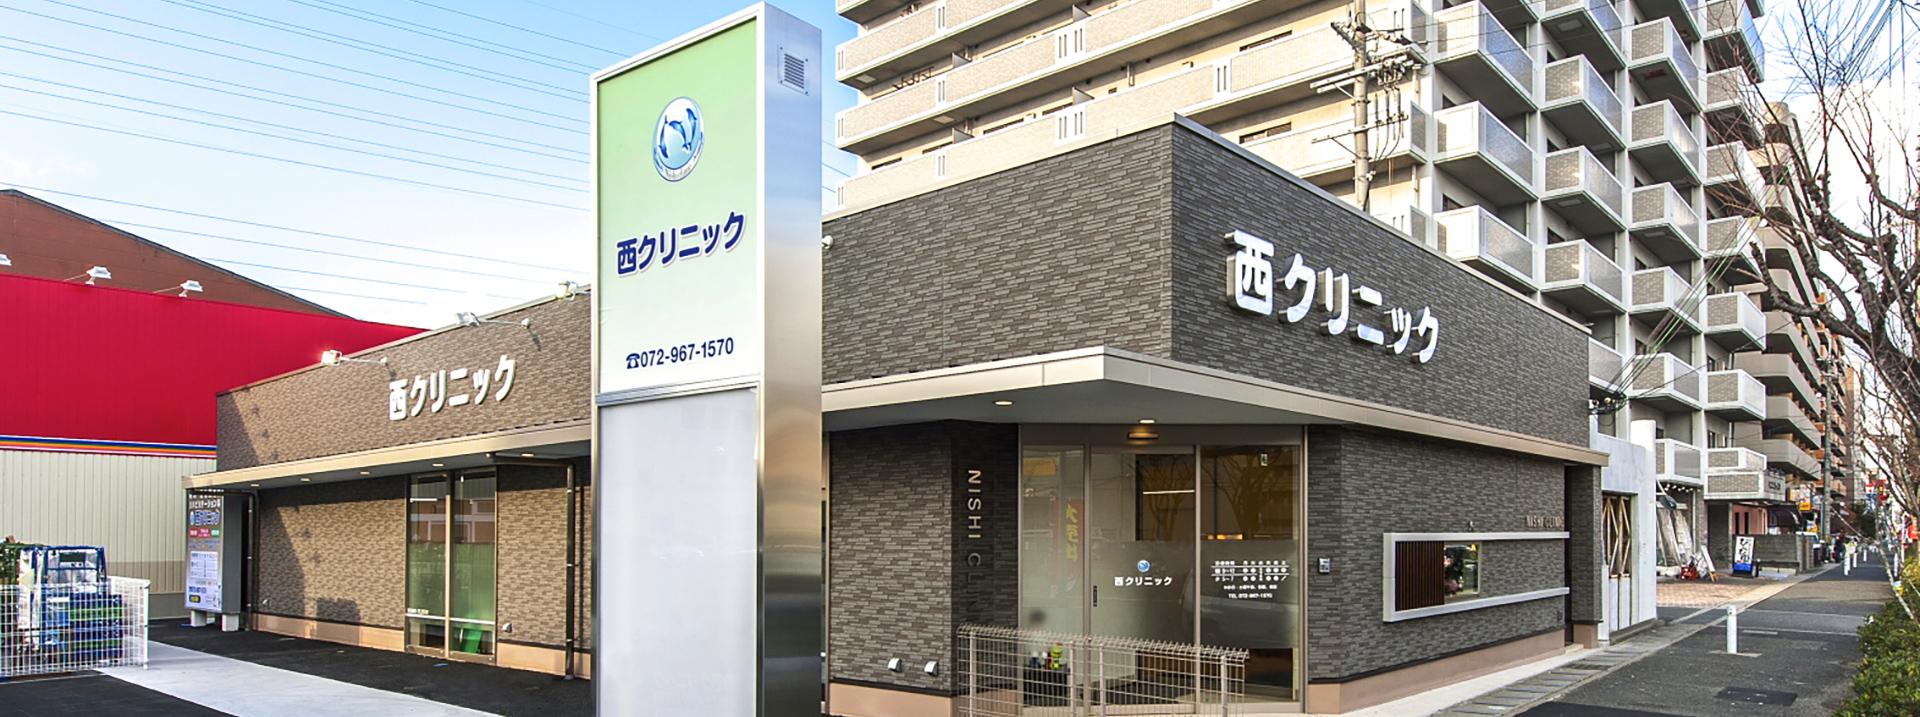 東大阪の西クリニック 内科・健診・プラセンタ・禁煙治療は ...